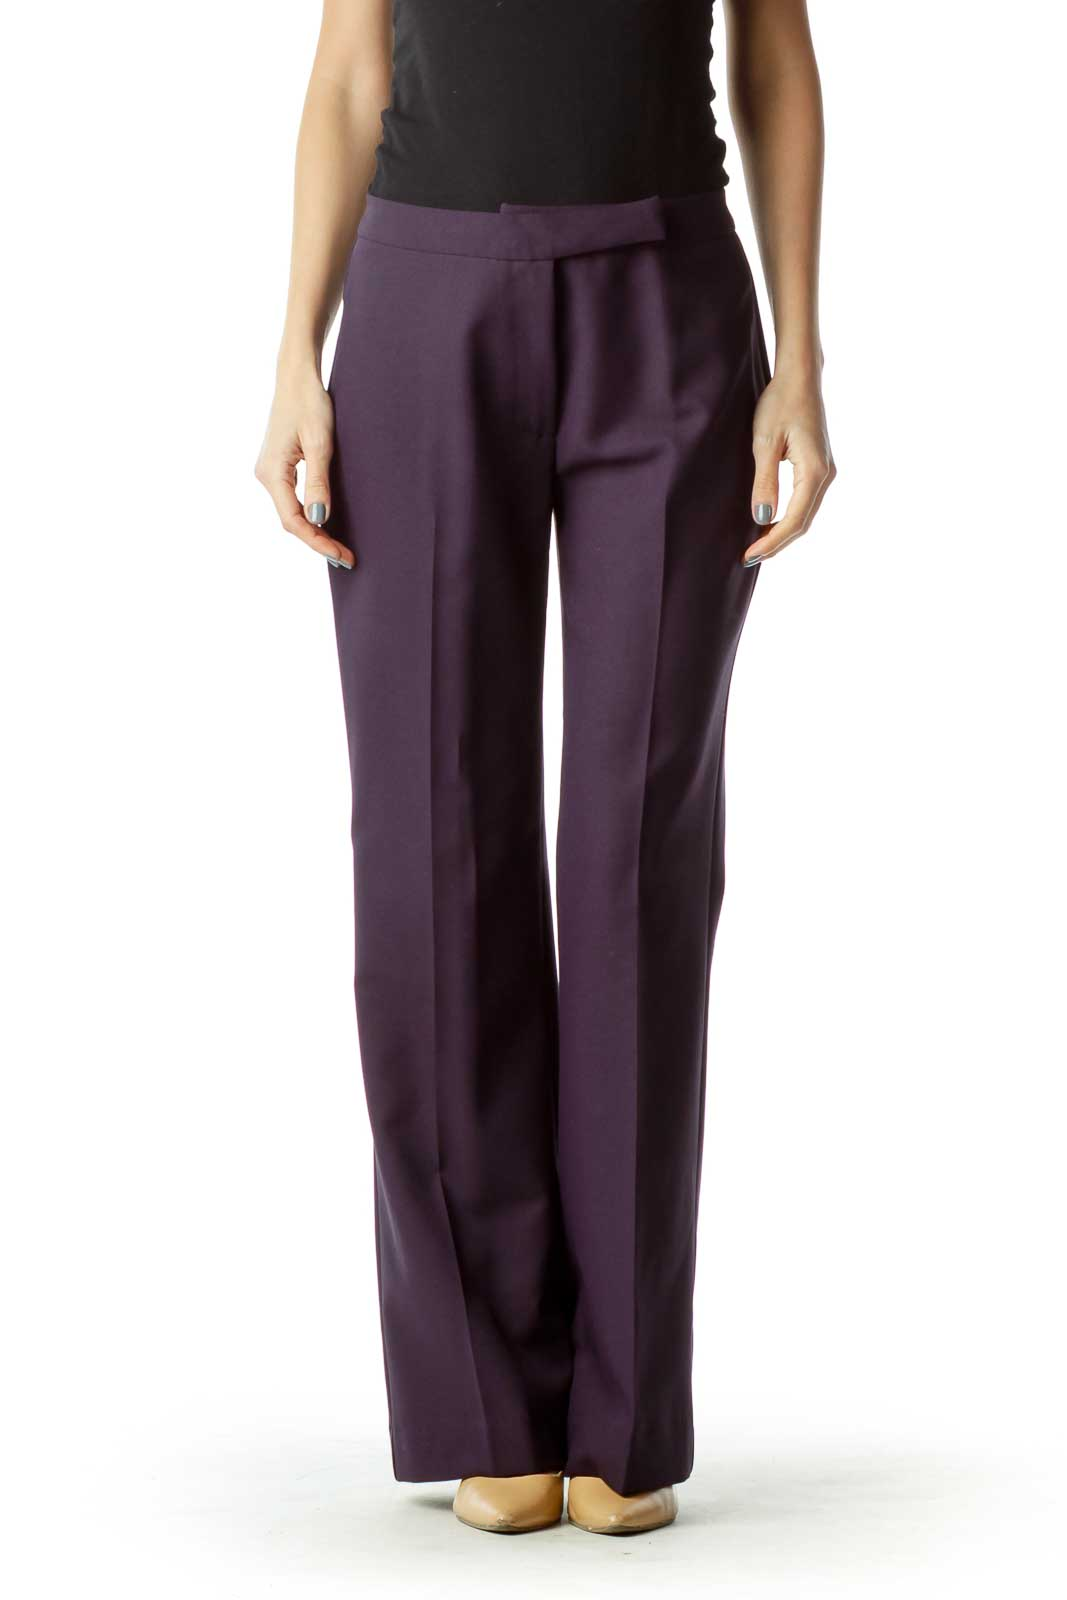 Purple Zipper-Fly Slacks Front